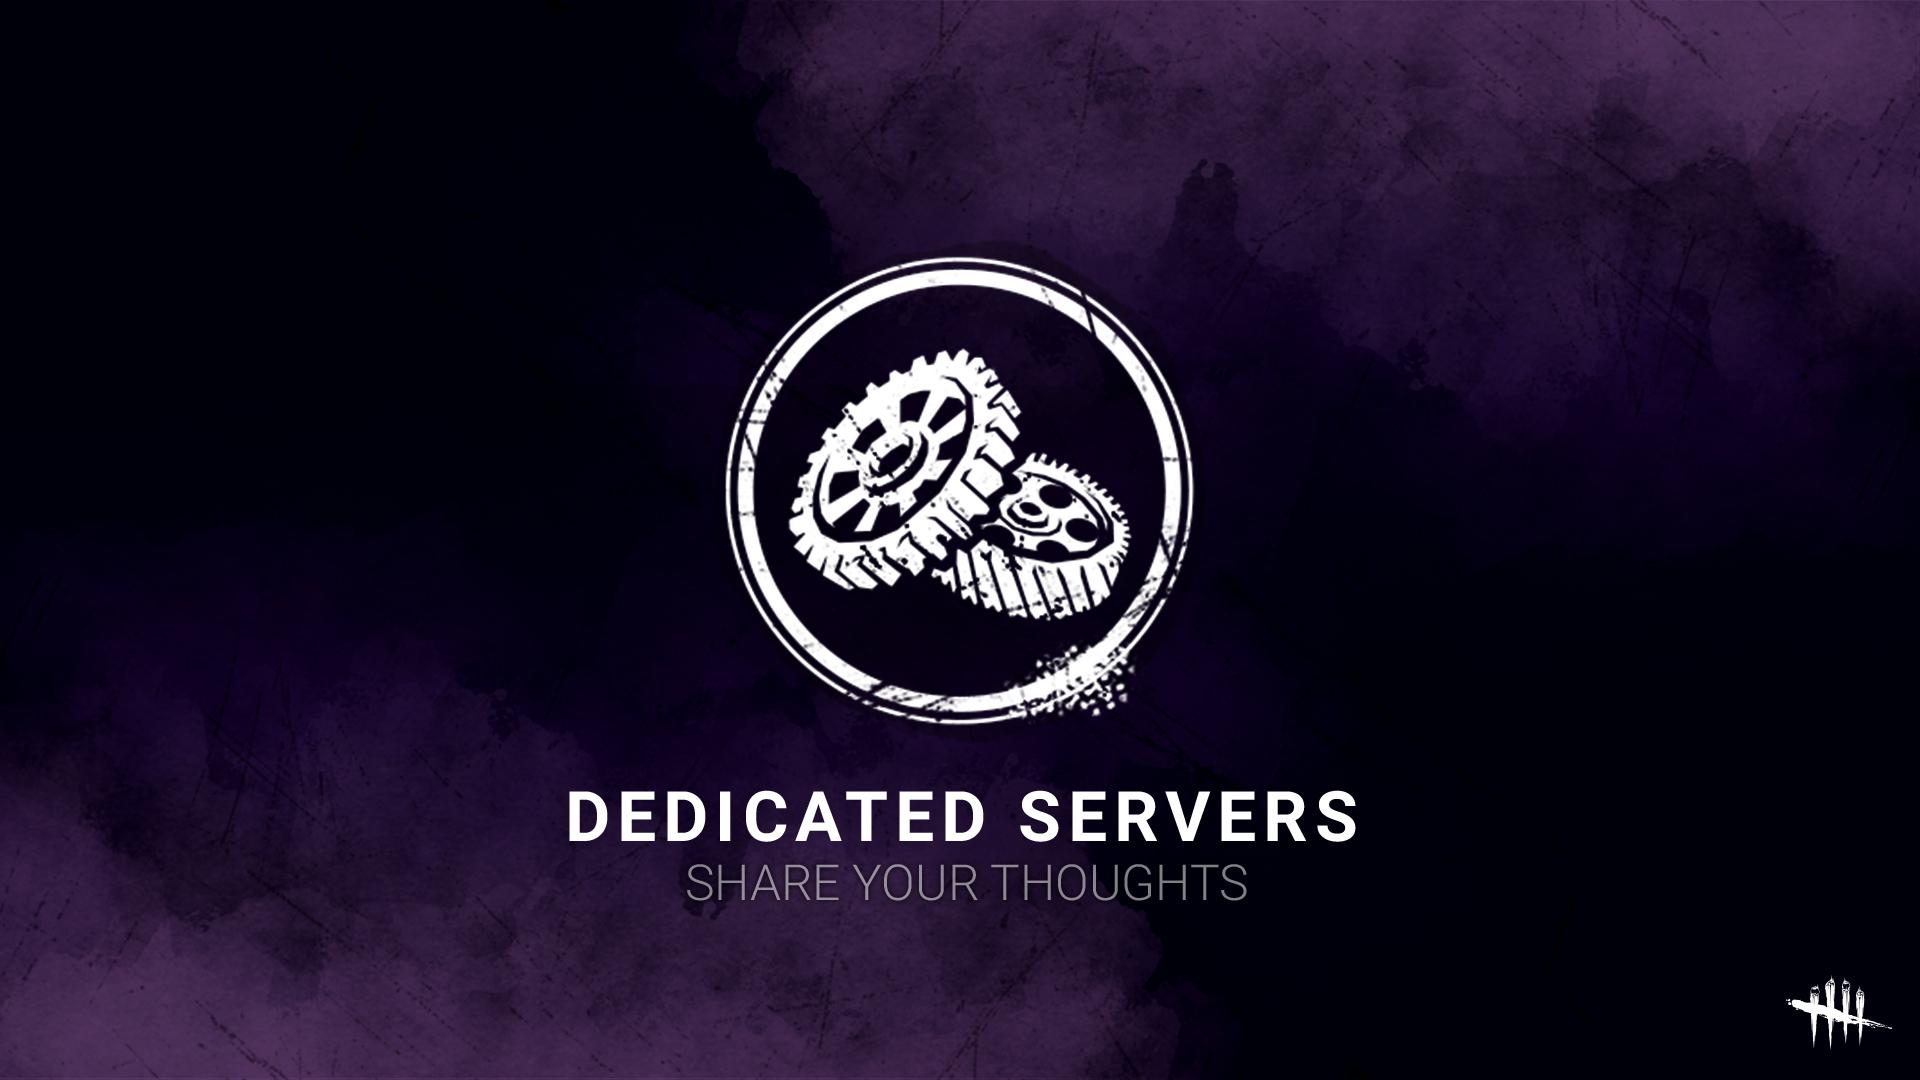 Dedicated server dbd r e